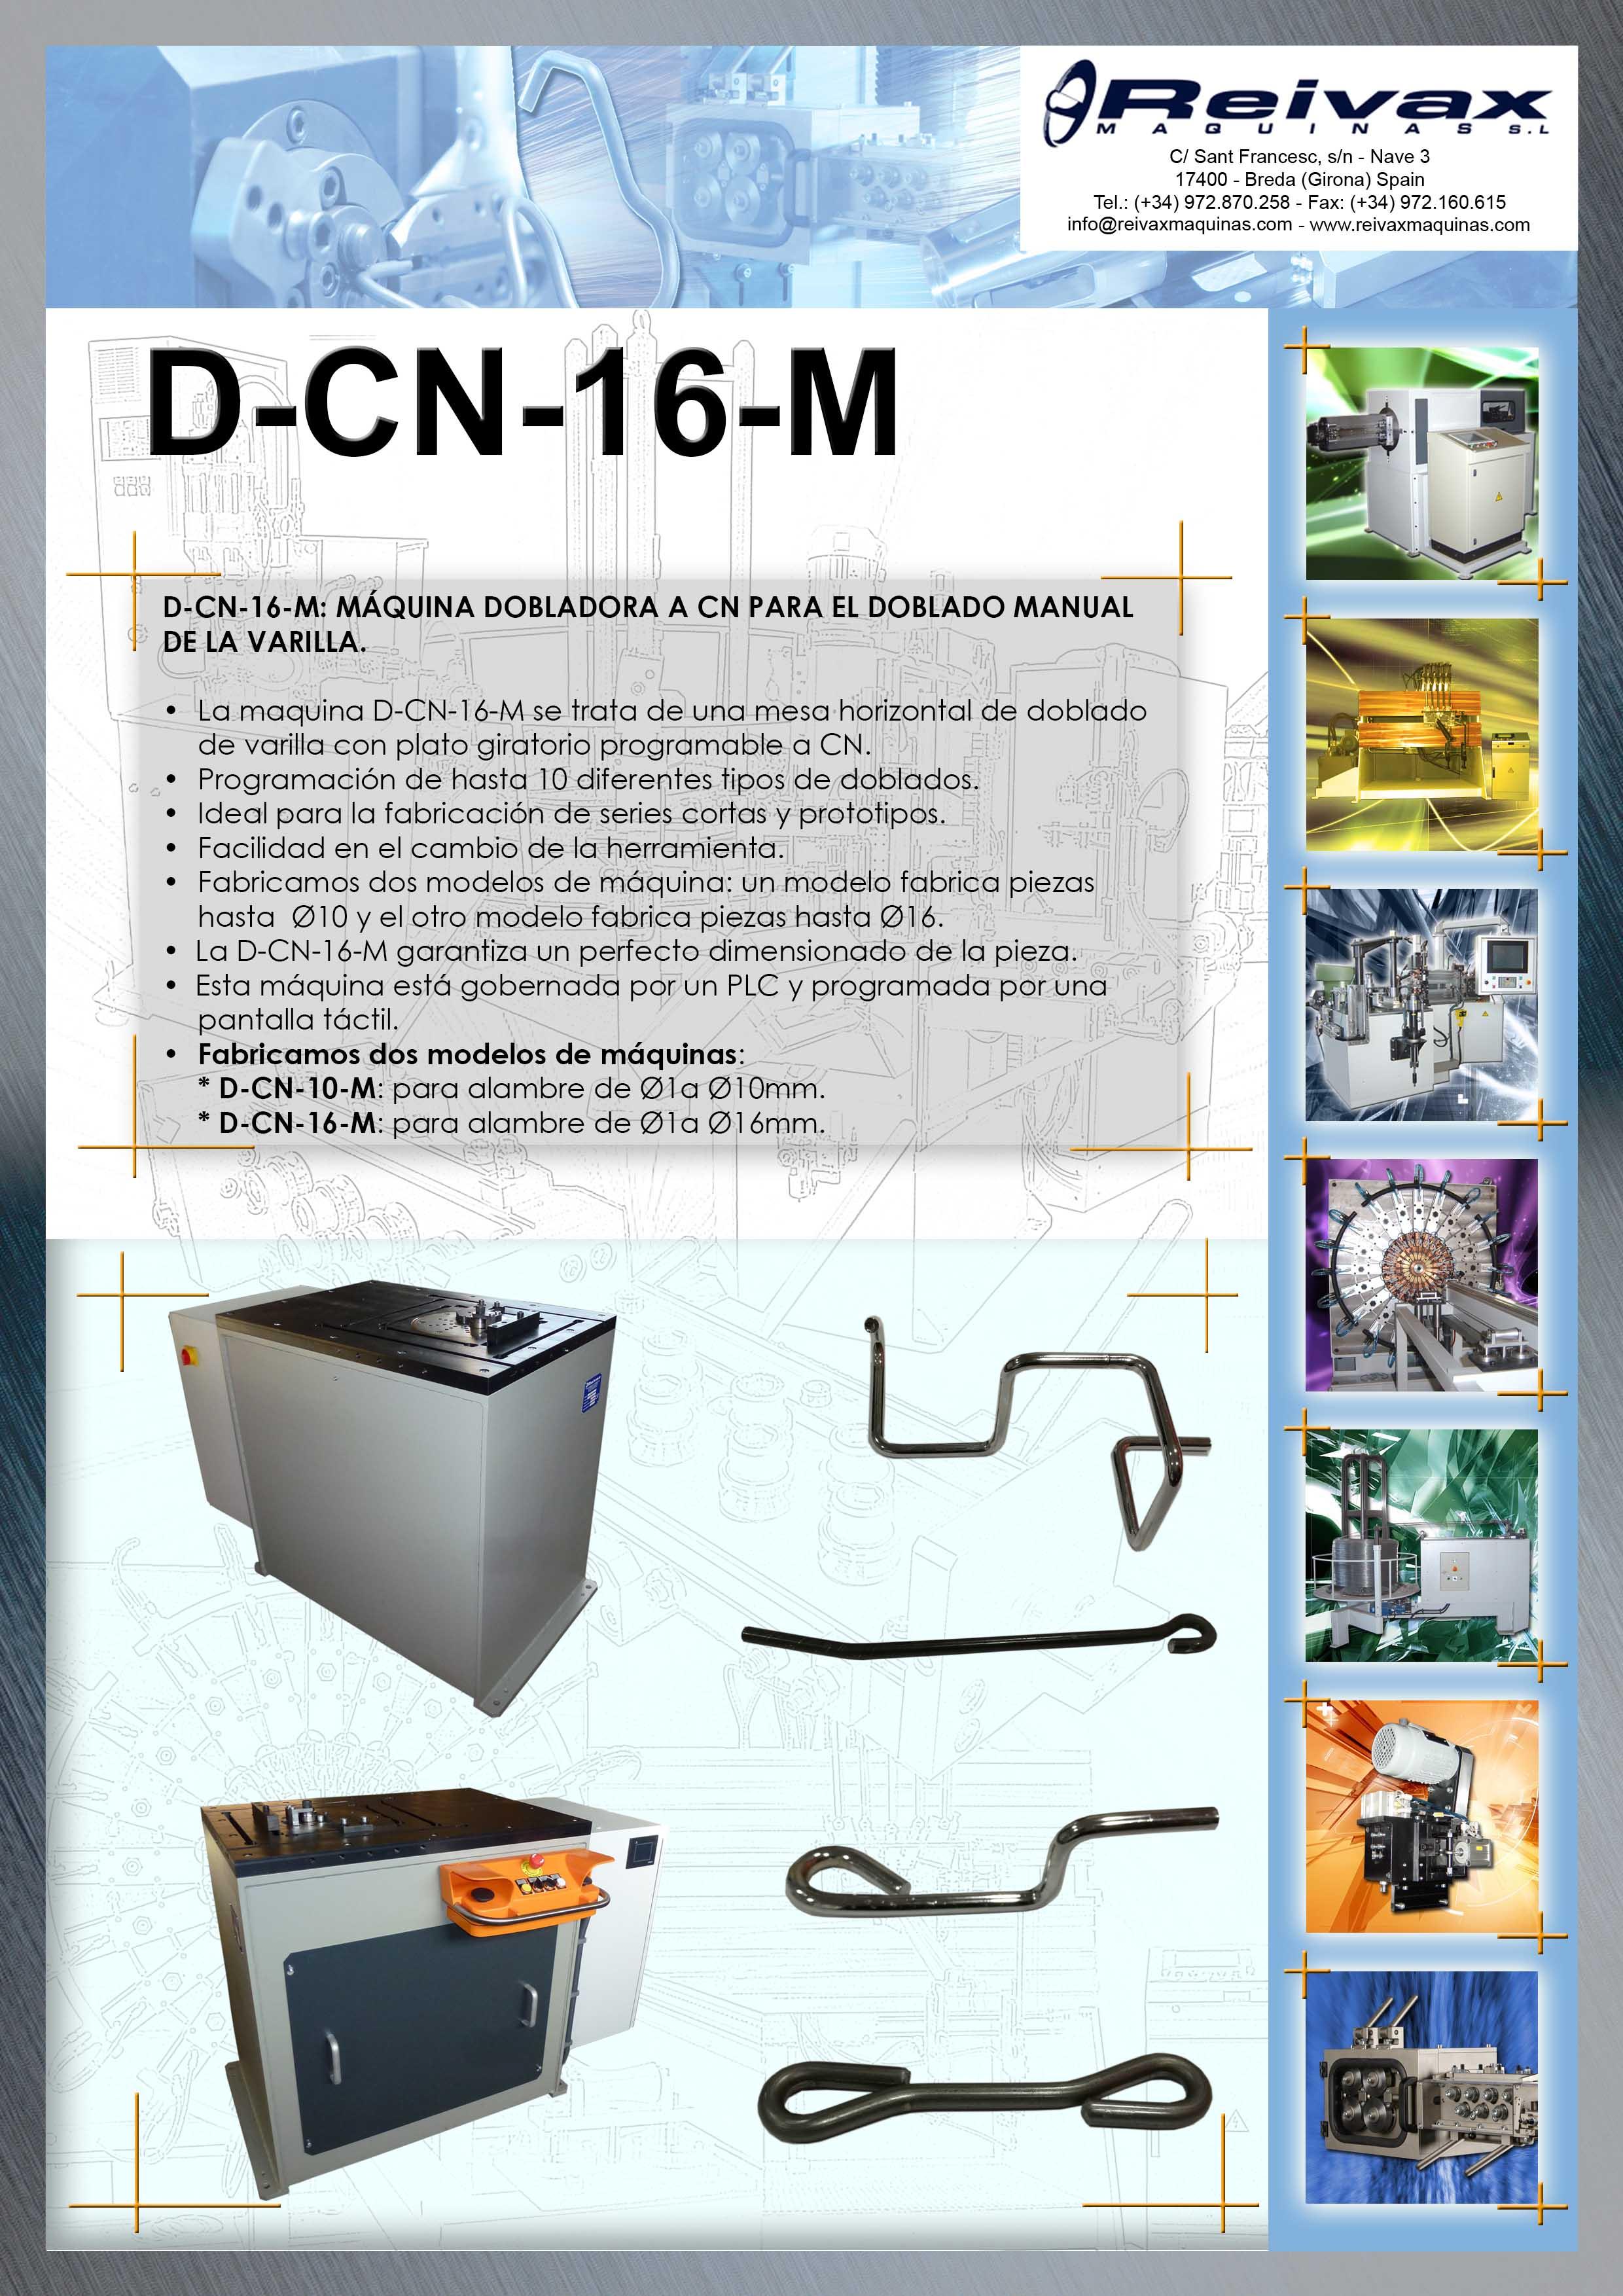 ReivaxMaquinas: Ficha Tecnica D-CN-16-M